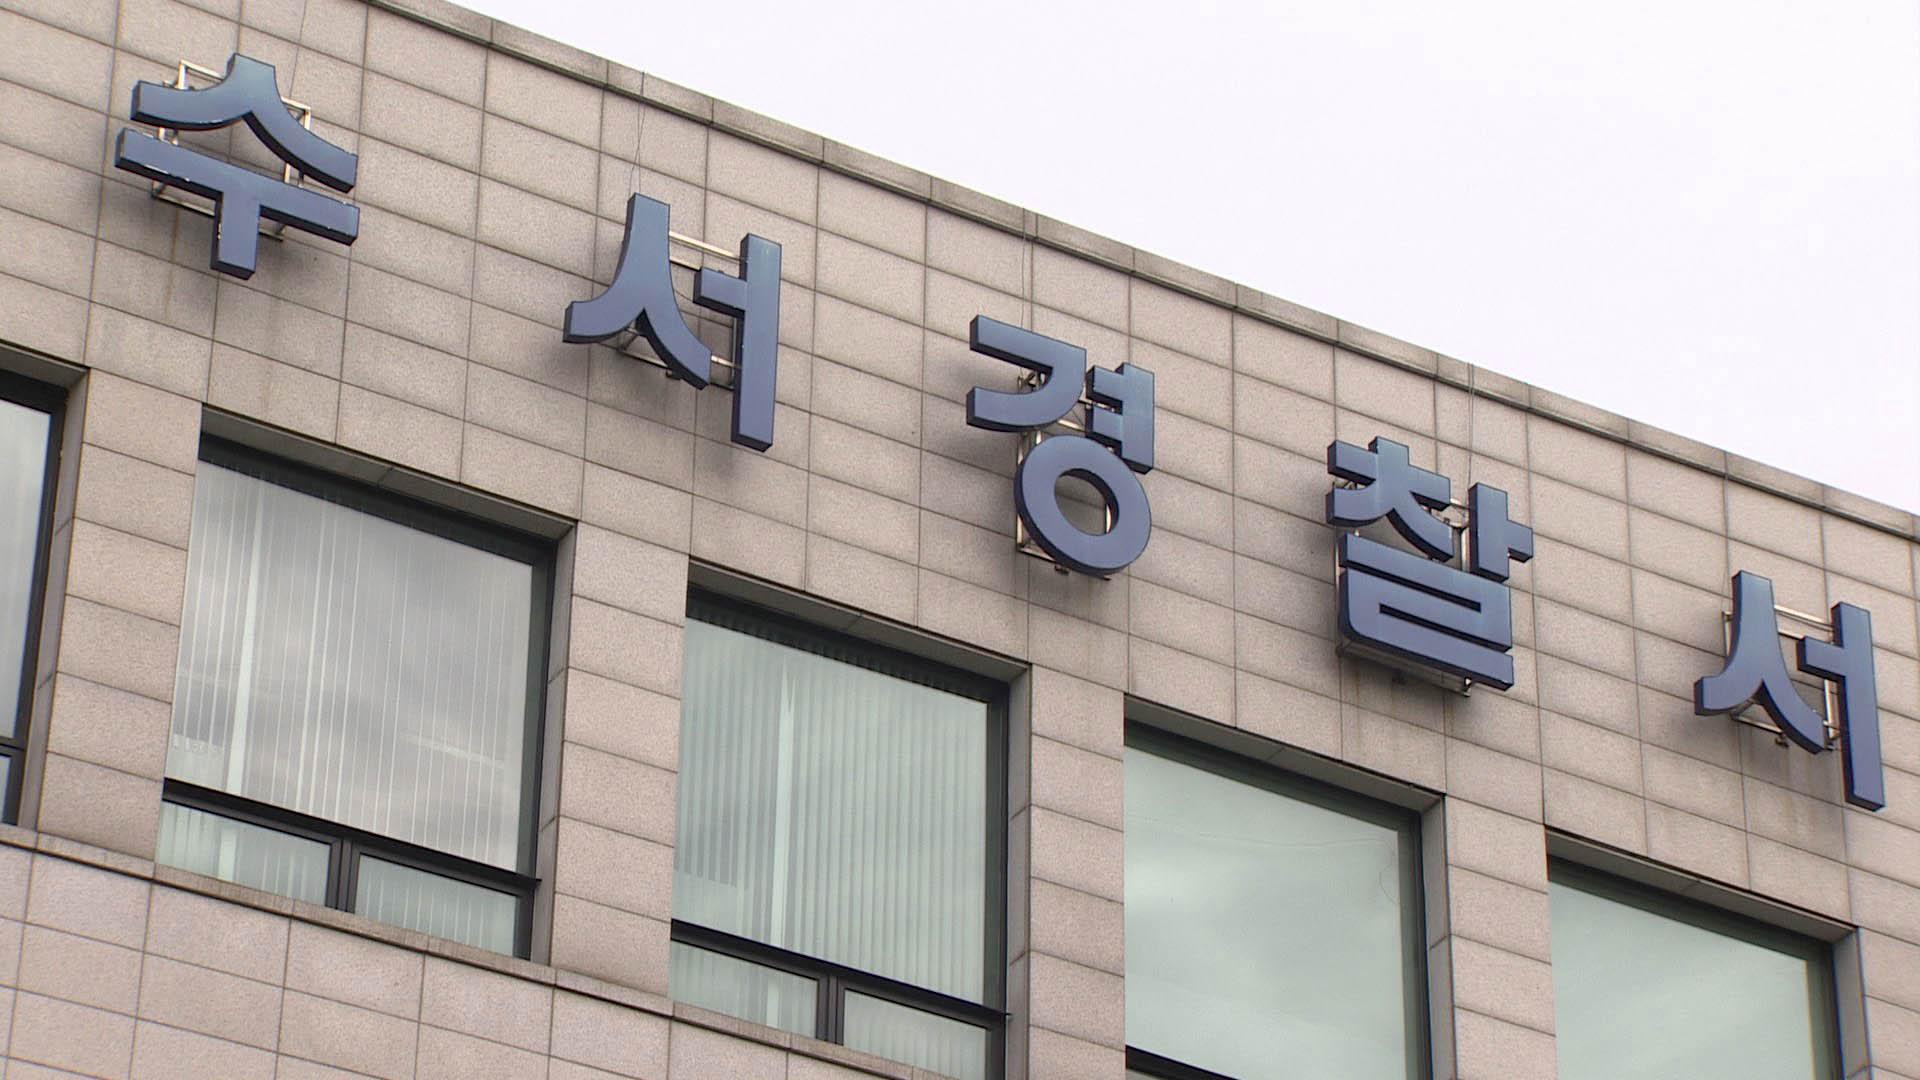 회사 대표에 흉기…20대 IT개발업체 직원 검거